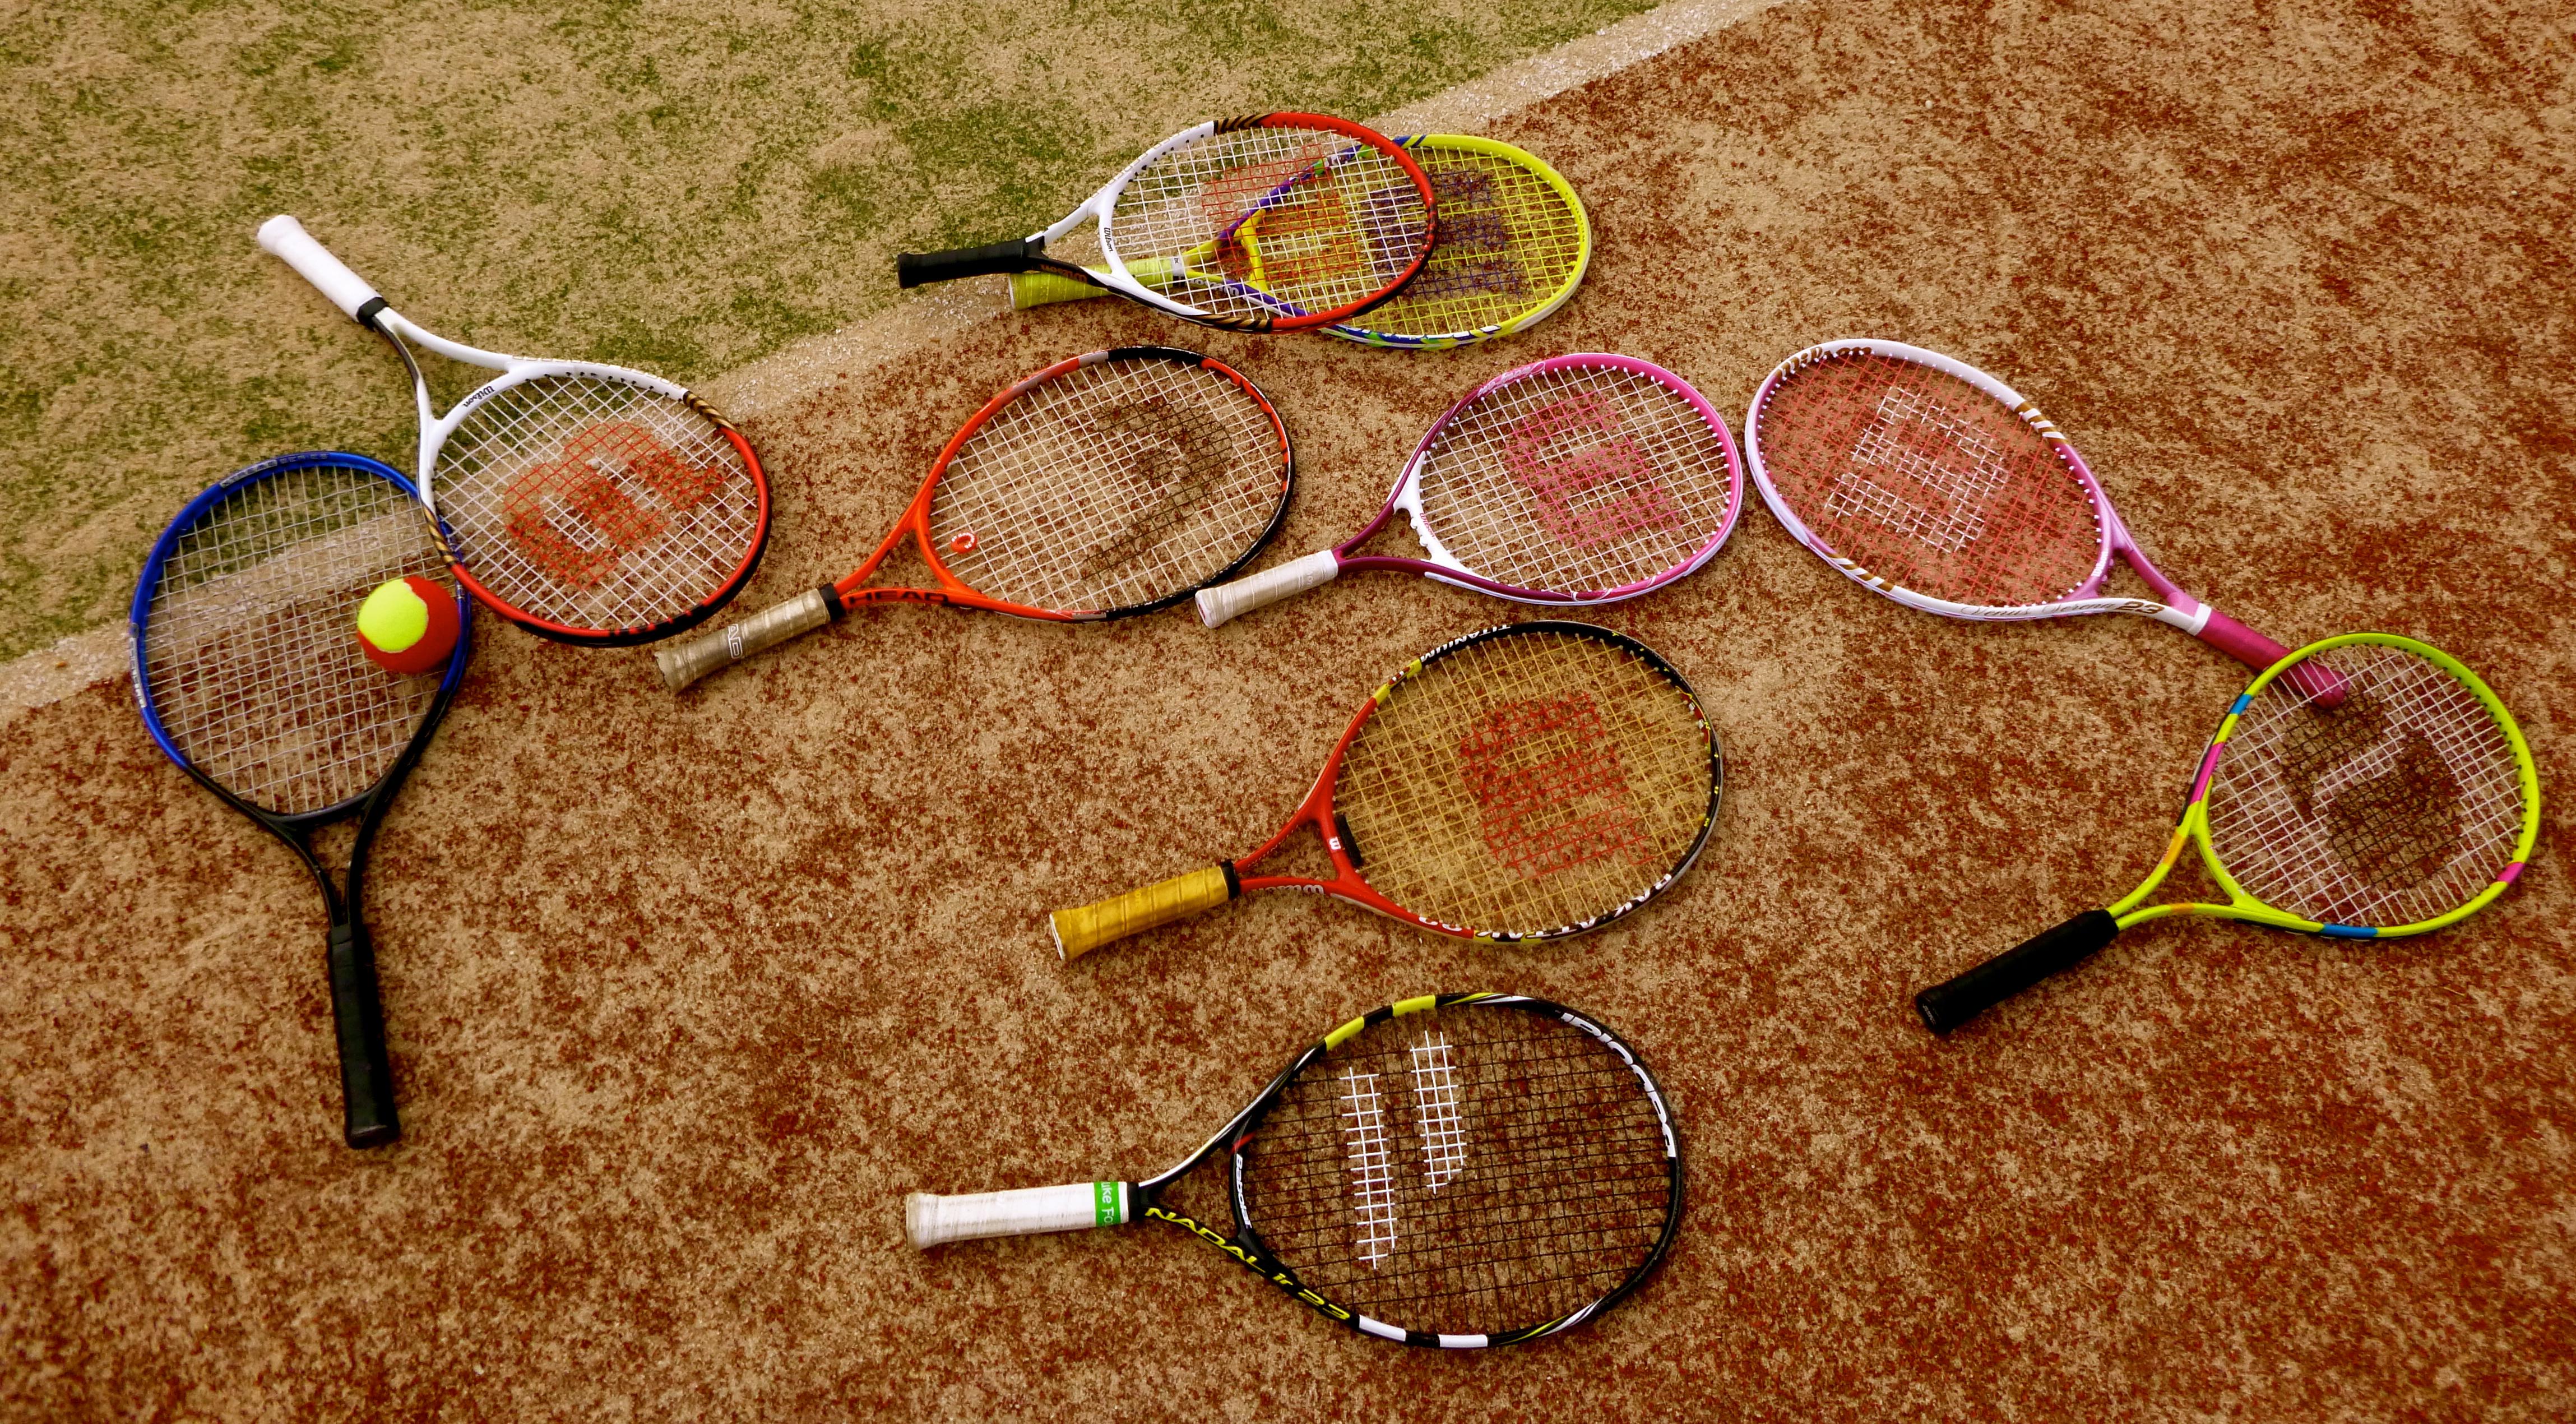 Nike Tennis Camp at Michigan State University